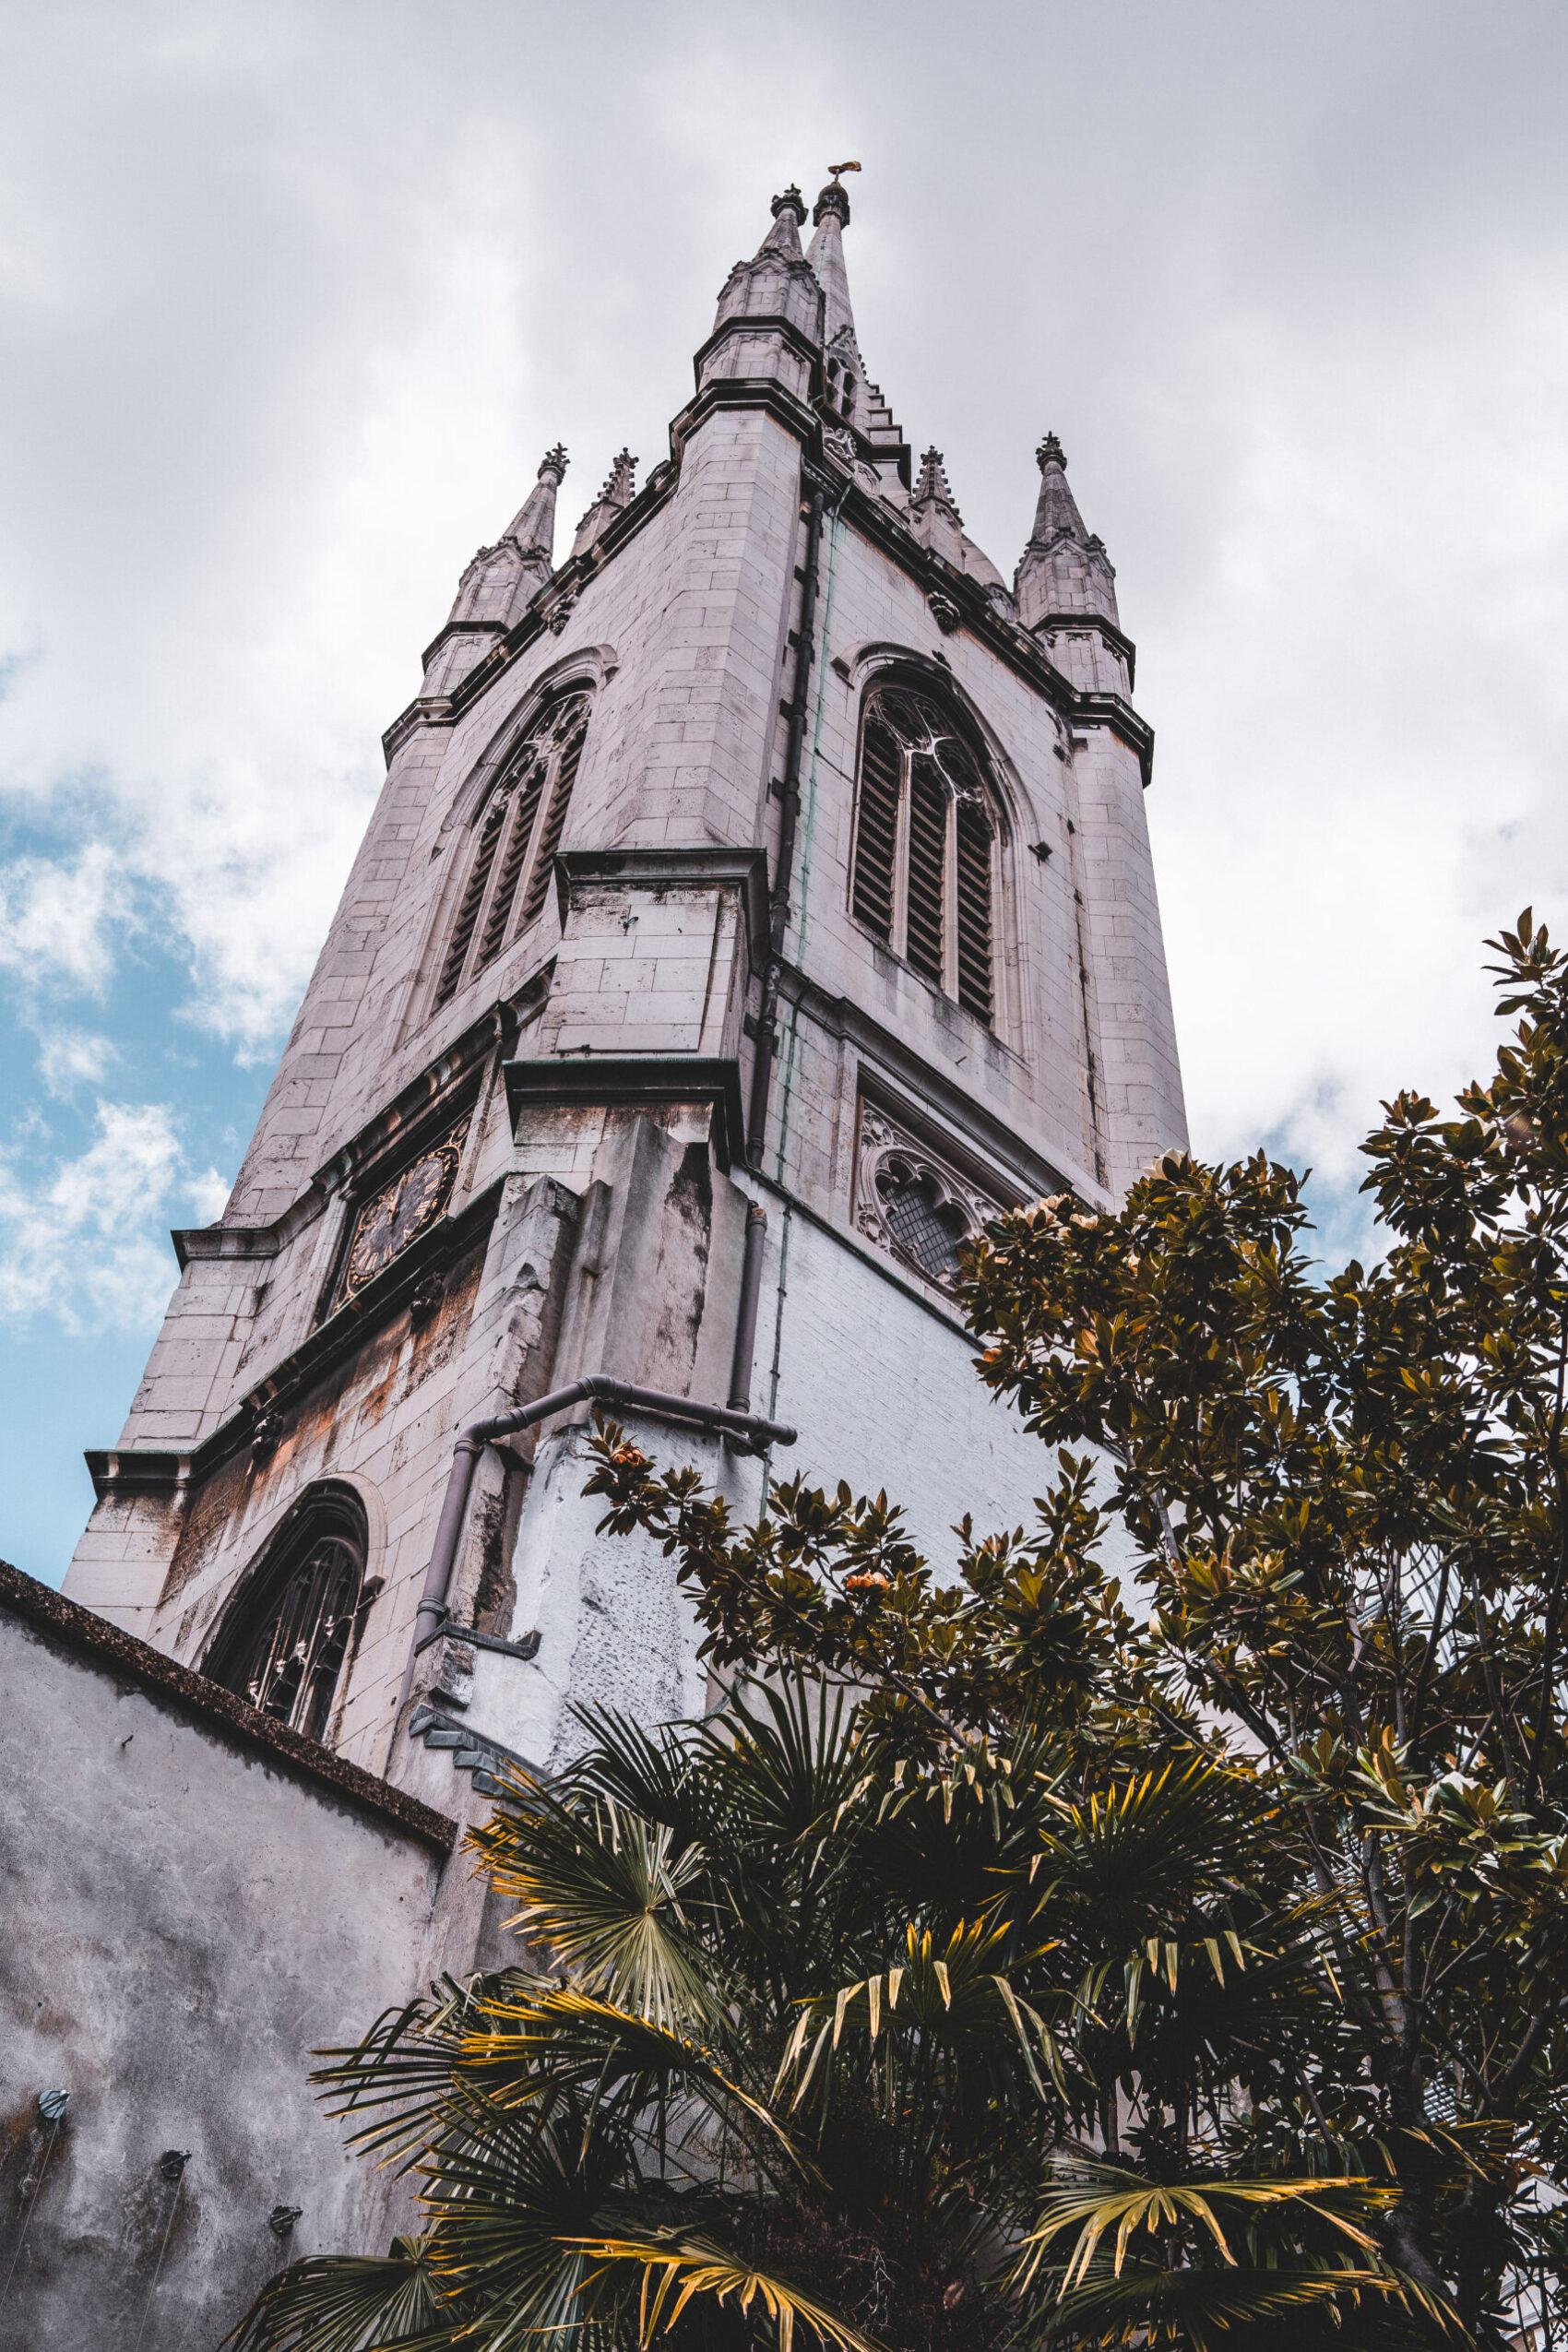 Pozostałości z kościoła St. Dunstan in the East